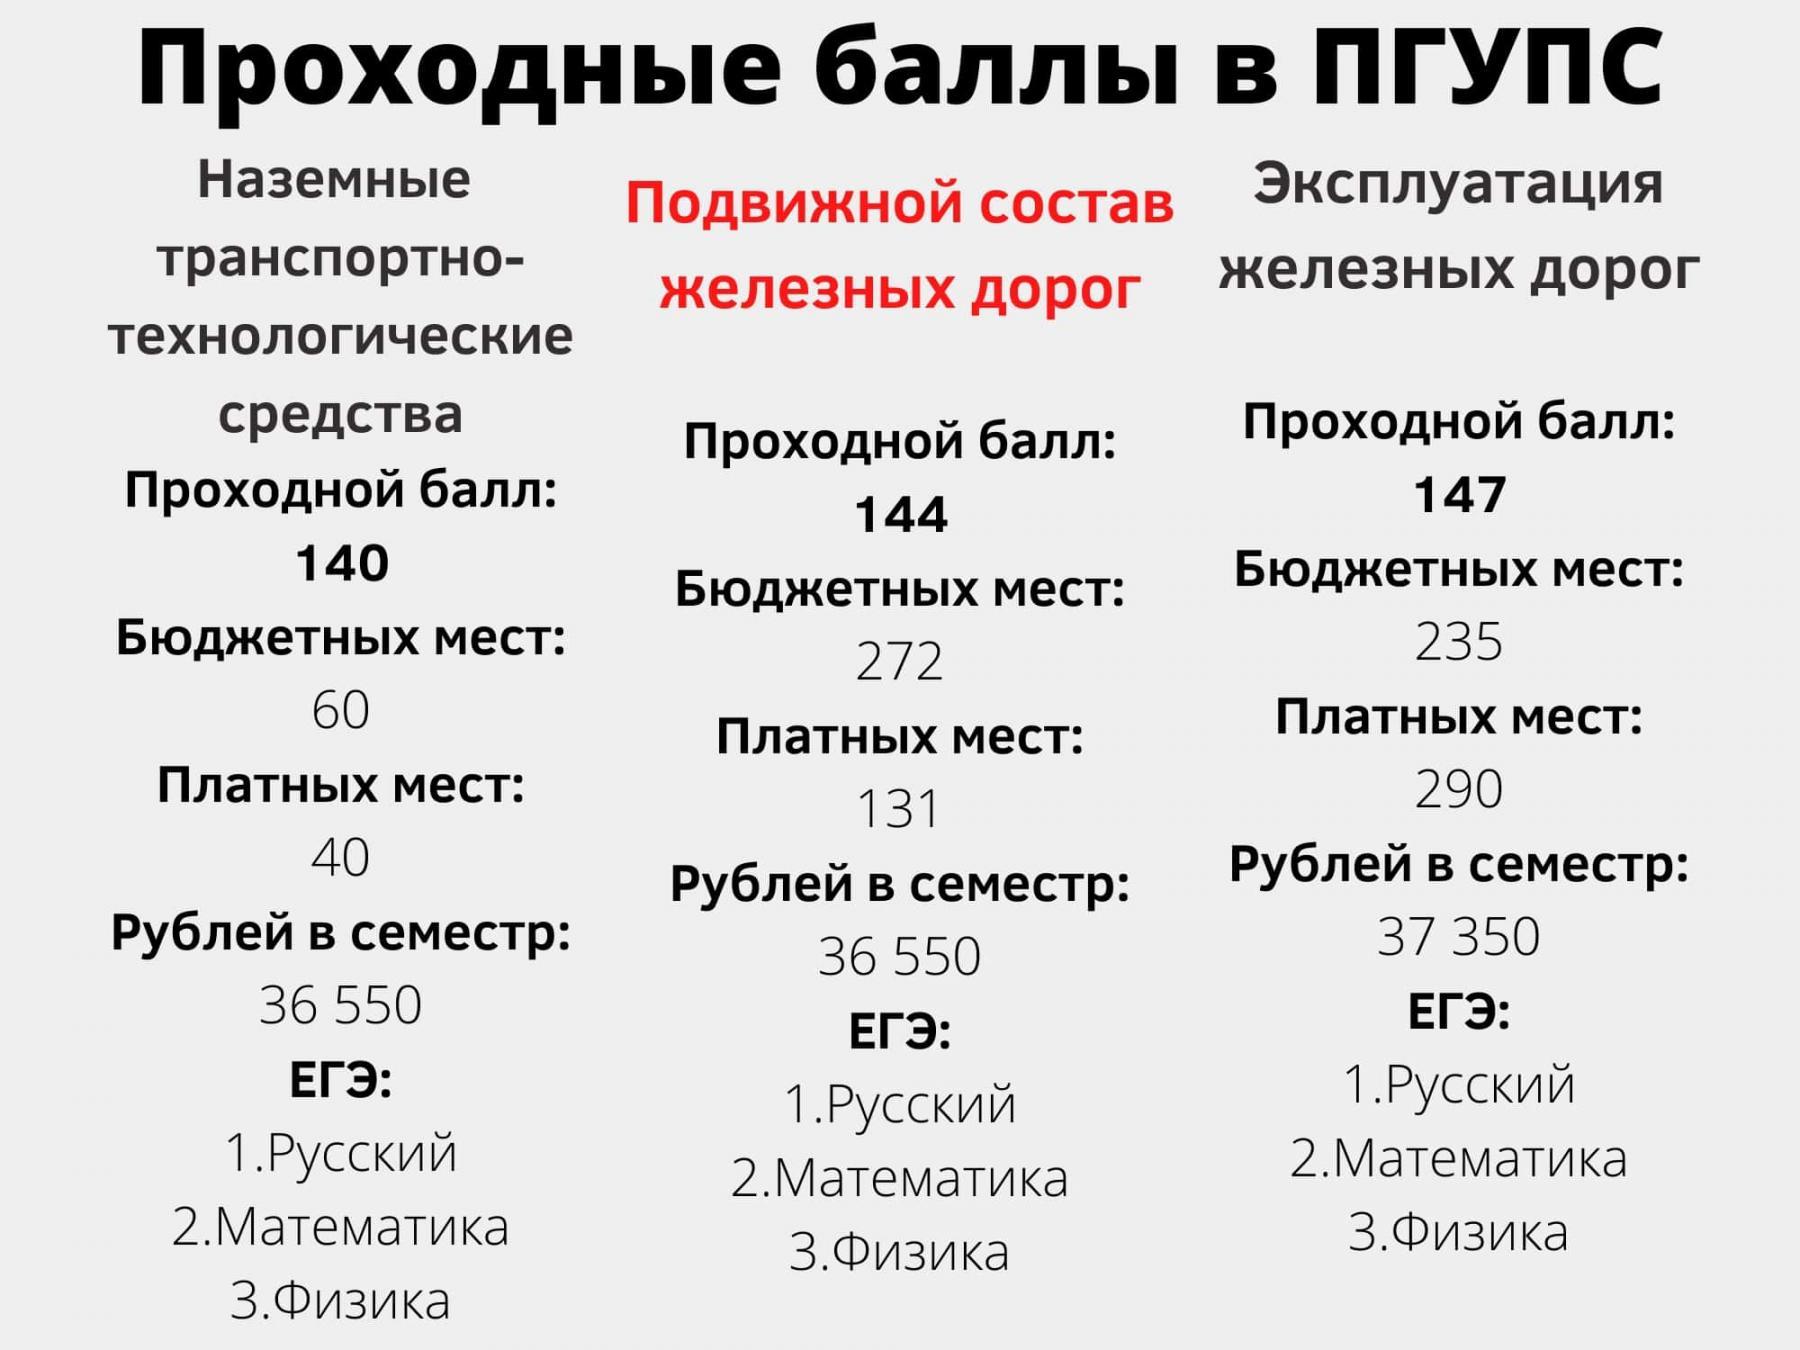 фото 7 вузов Санкт-Петербурга с самыми низкими баллами ЕГЭ на бюджет летом 2021 года 3